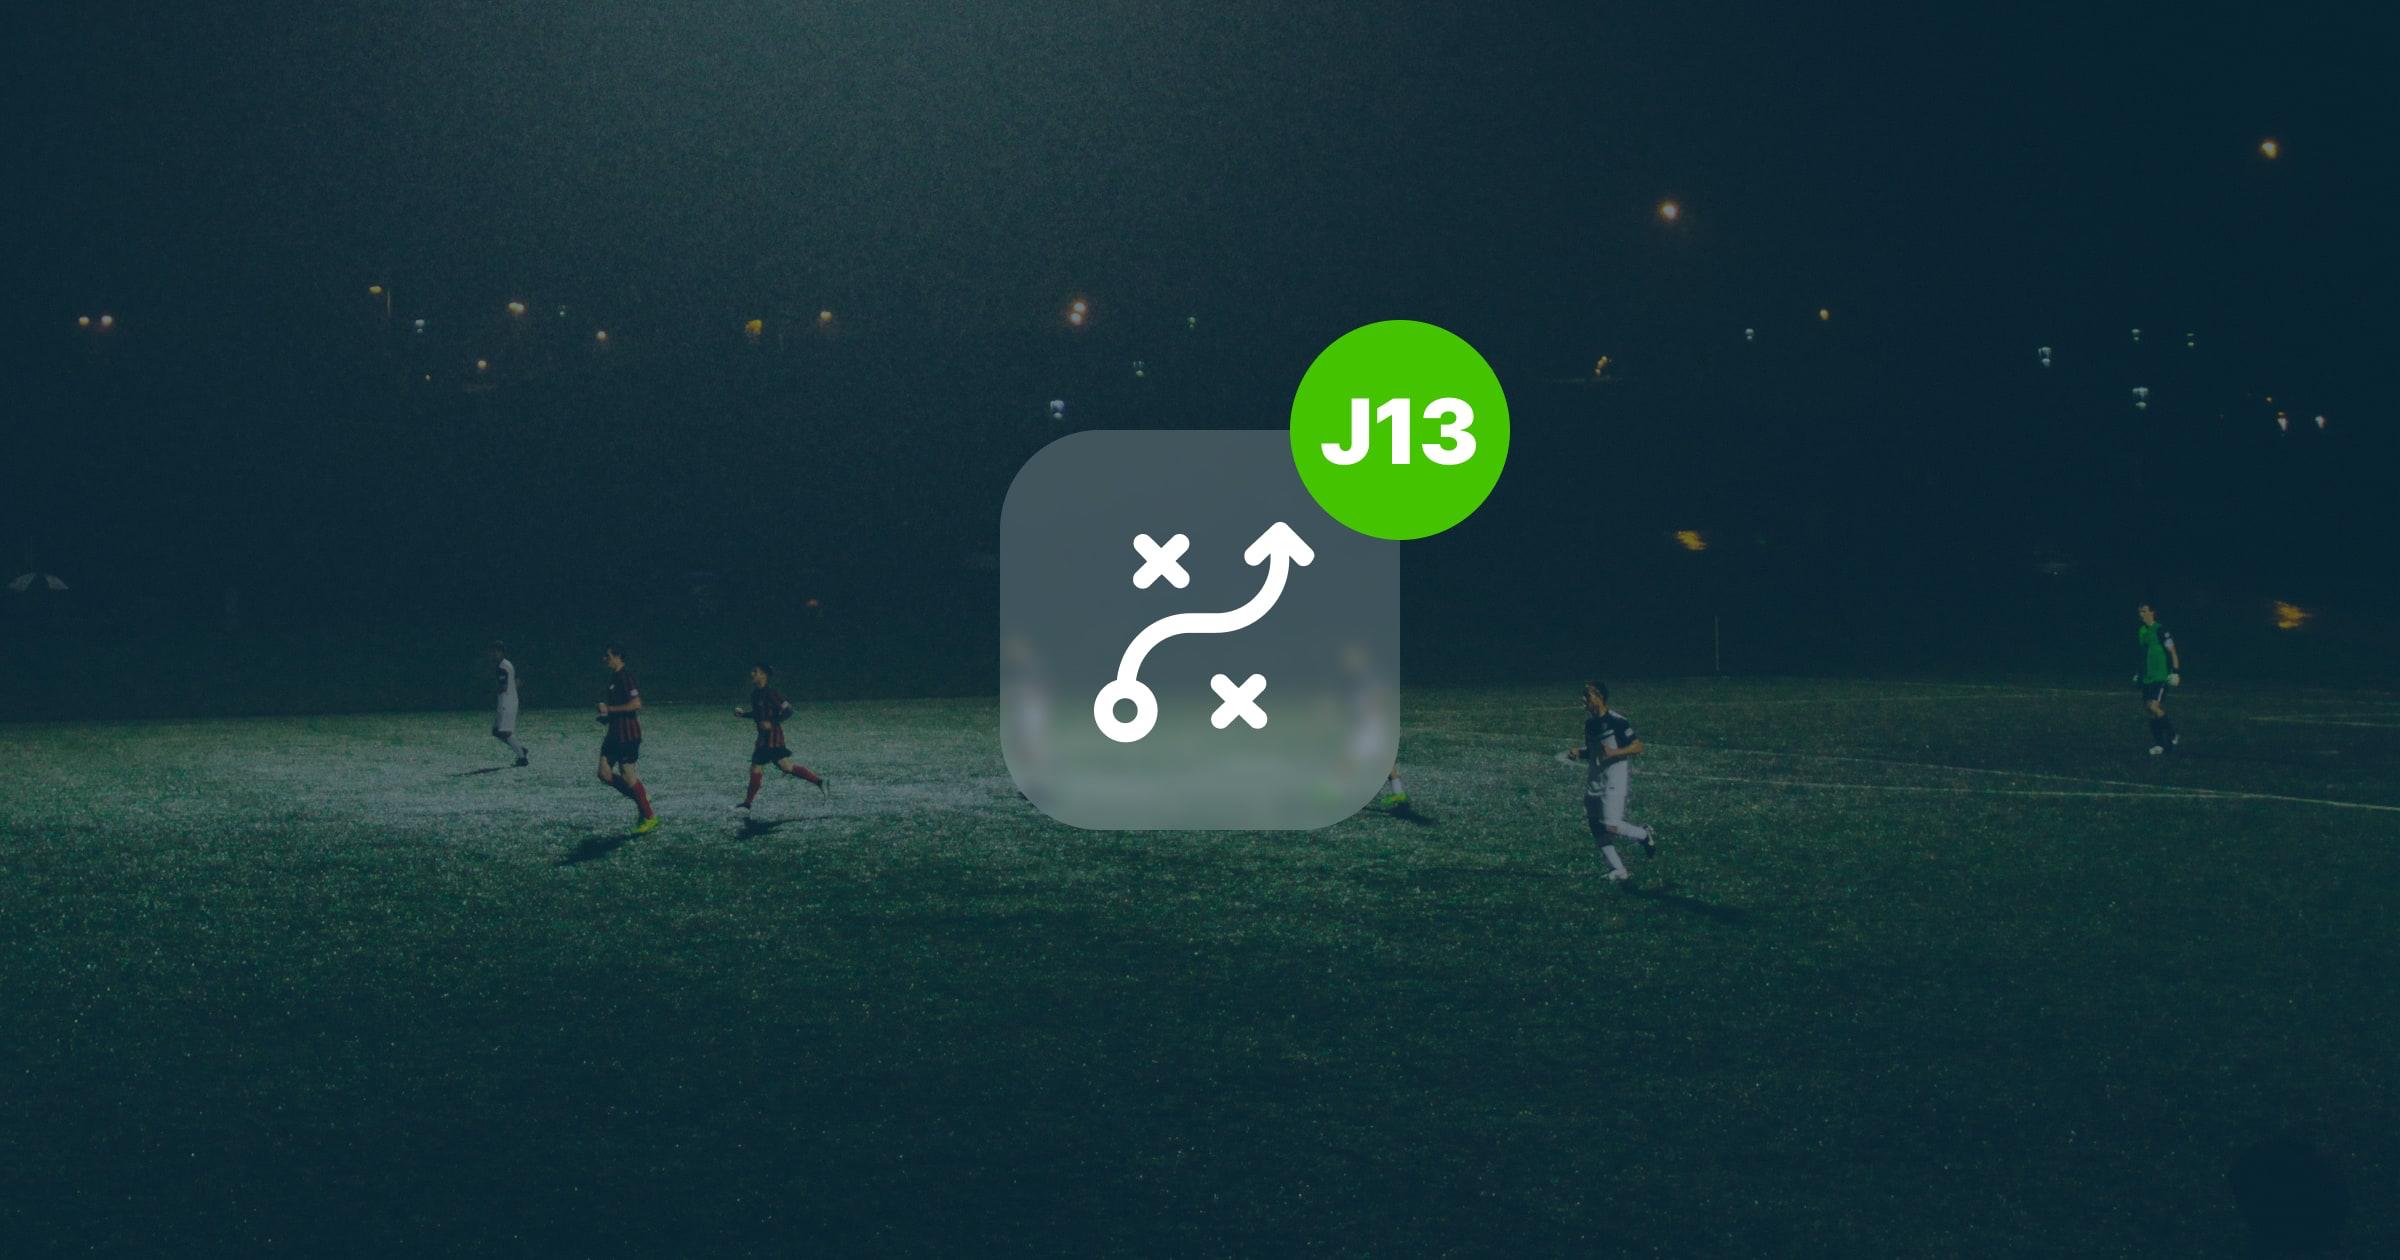 Les joueurs à suivre pour la J13